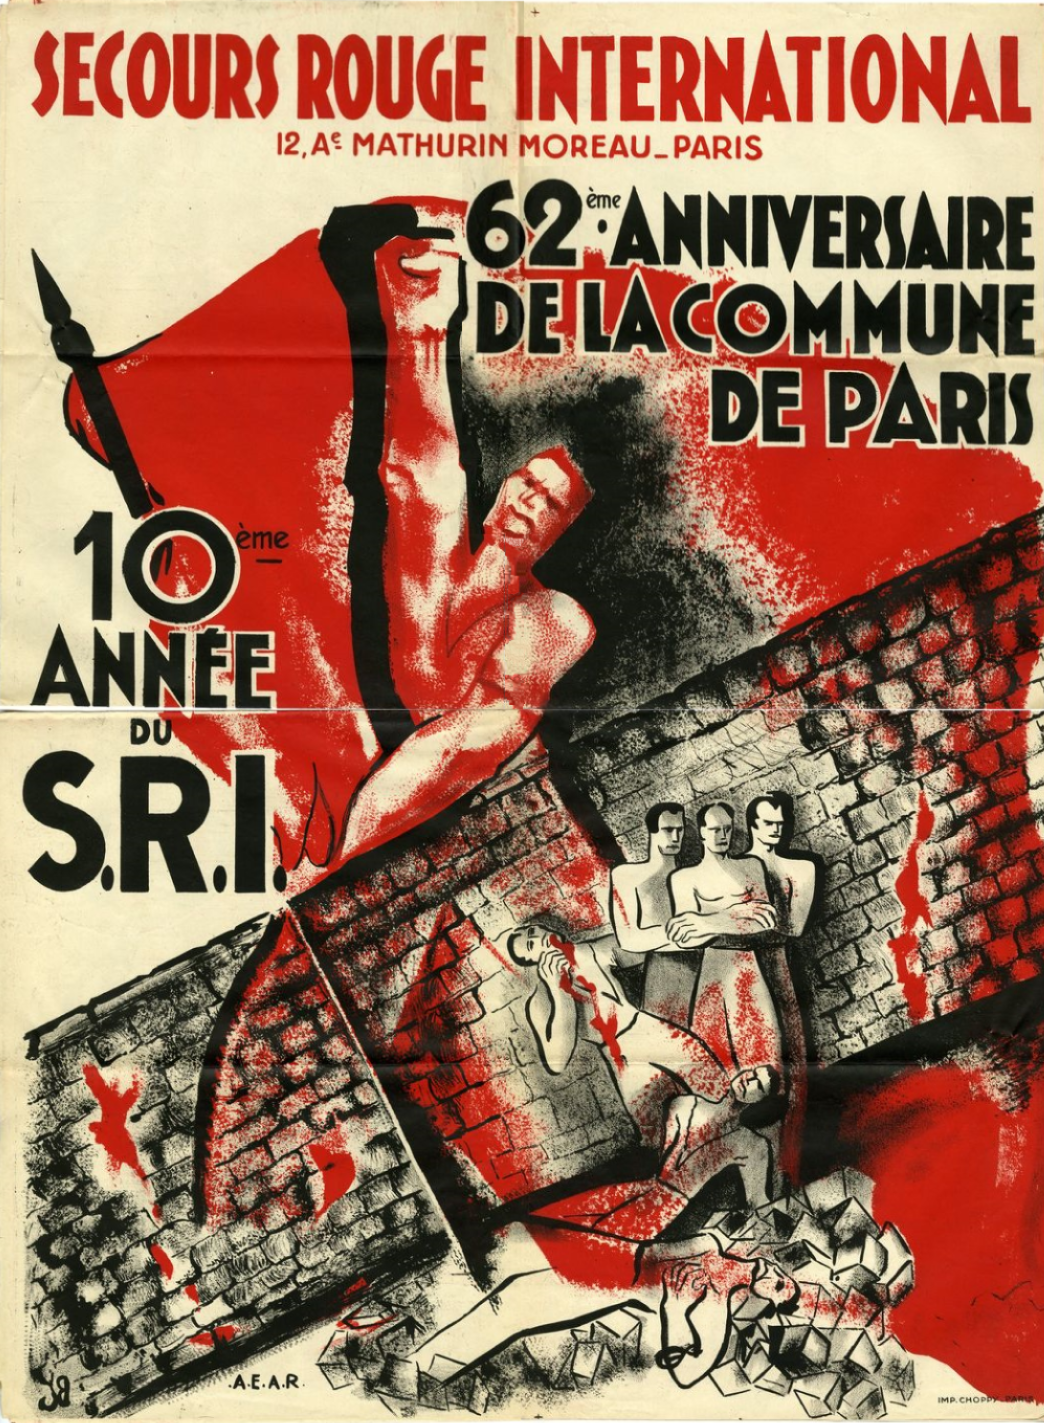 Le 18 mars, journée du Secours rouge international